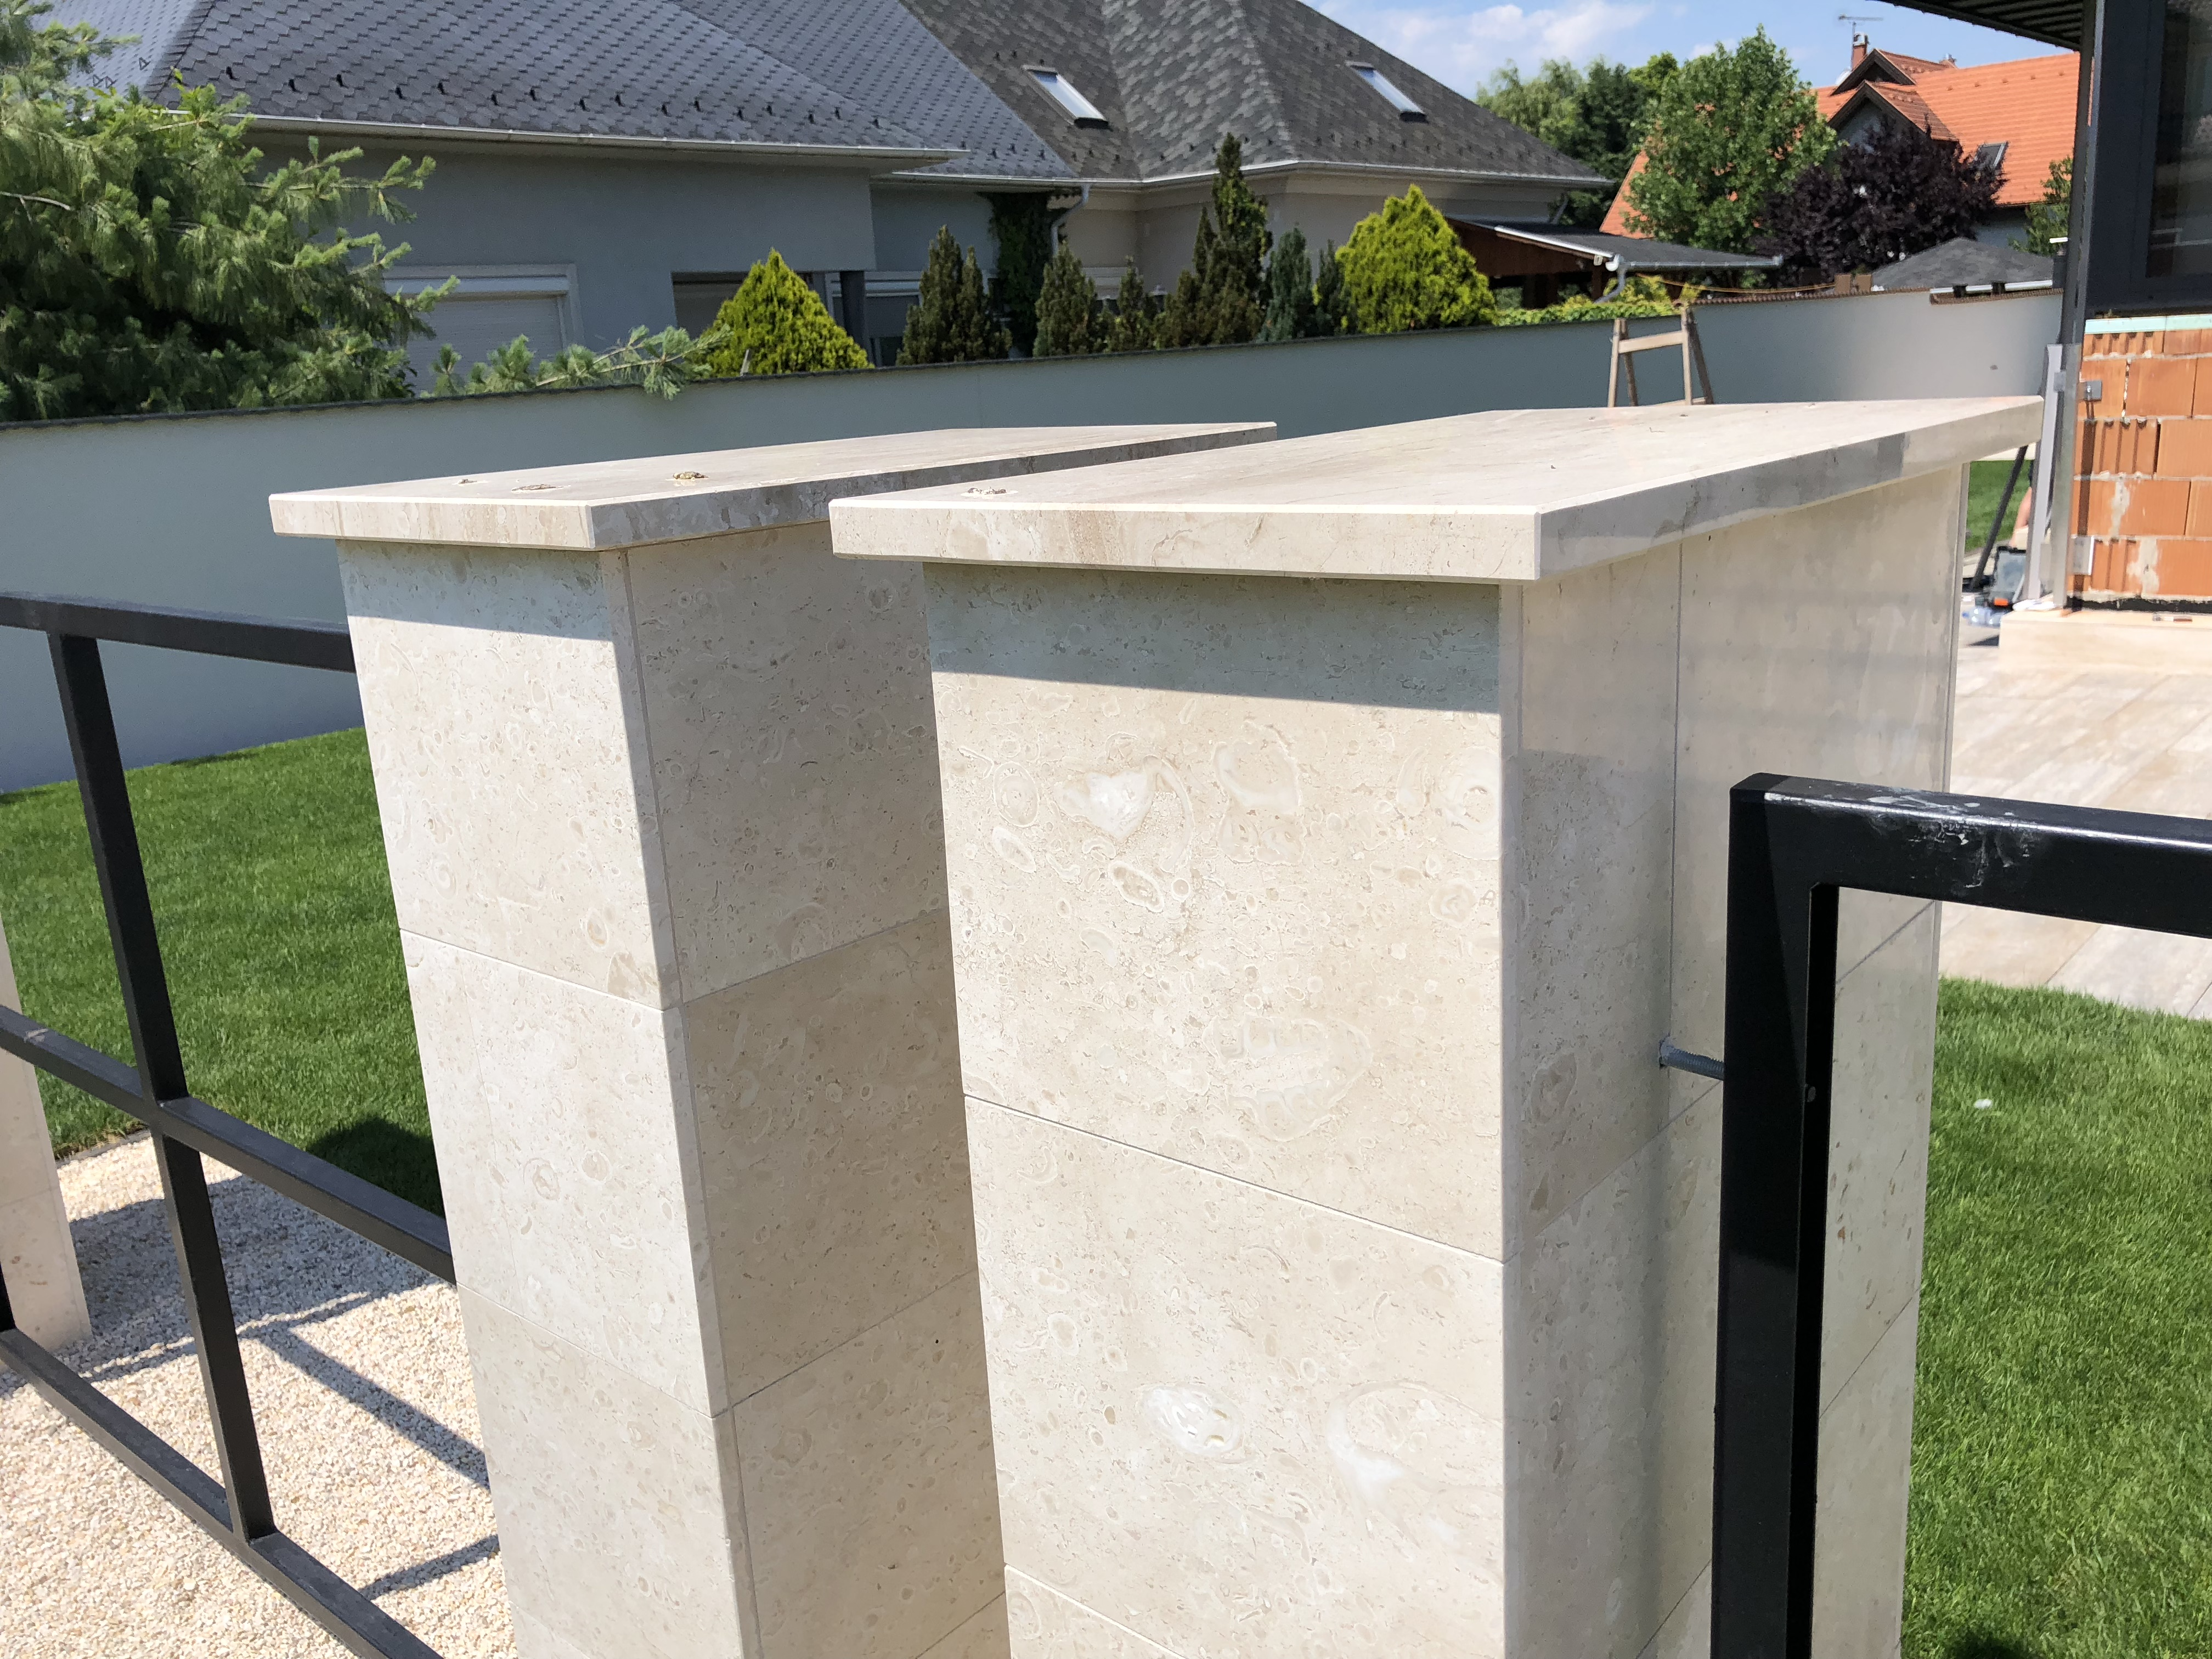 Kerítés fedlap Breccia Sarda mészkő anyagból, az oldaburkolat is a fedlap anyagából készült, kerítés fedlap vastagsága 3cm, minden oldala teljesen megmunkálva, vízorral ellátva